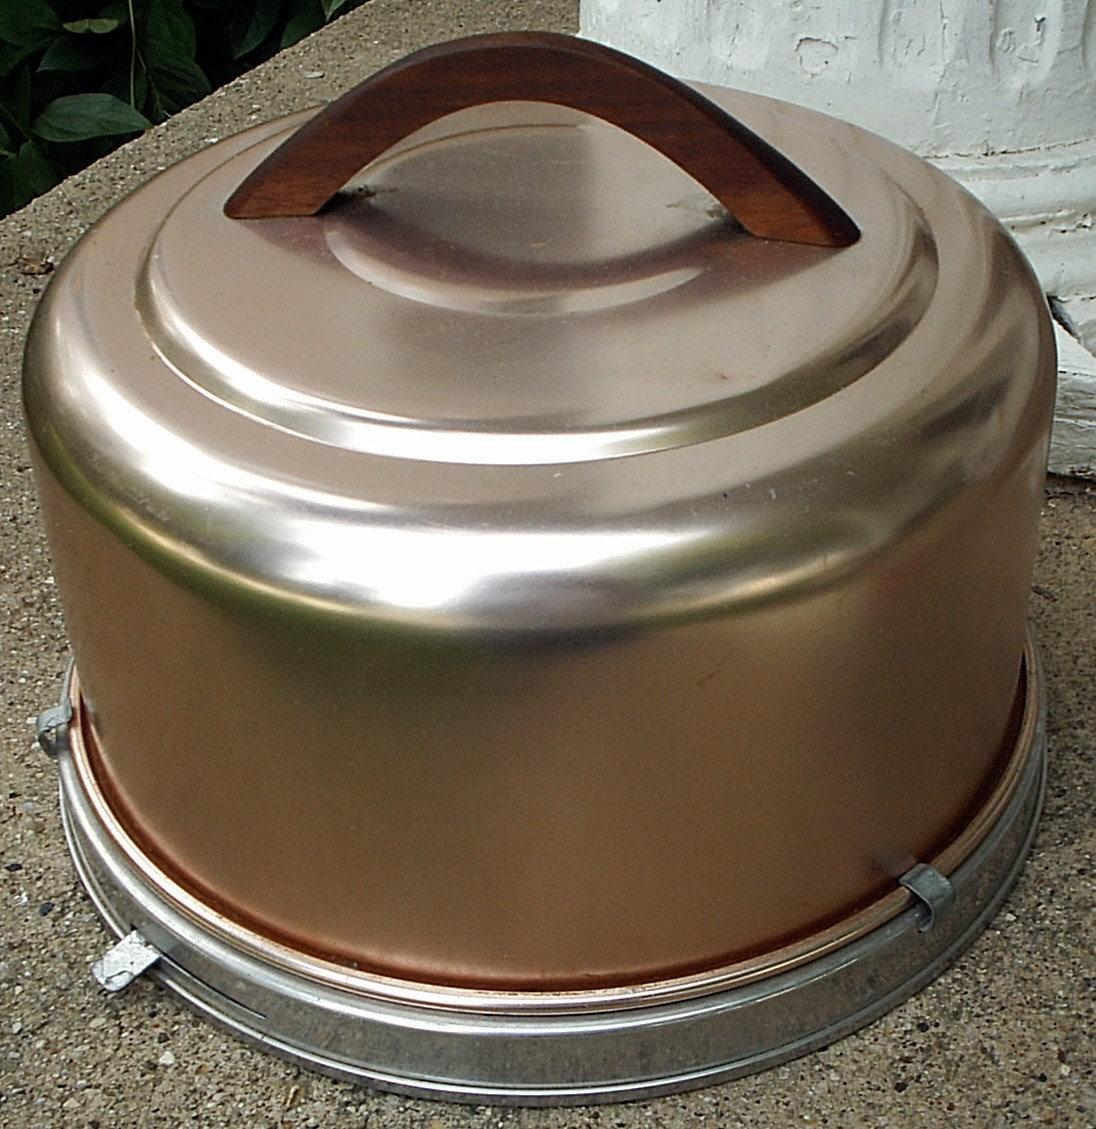 Vintage Copper Cake Carrier